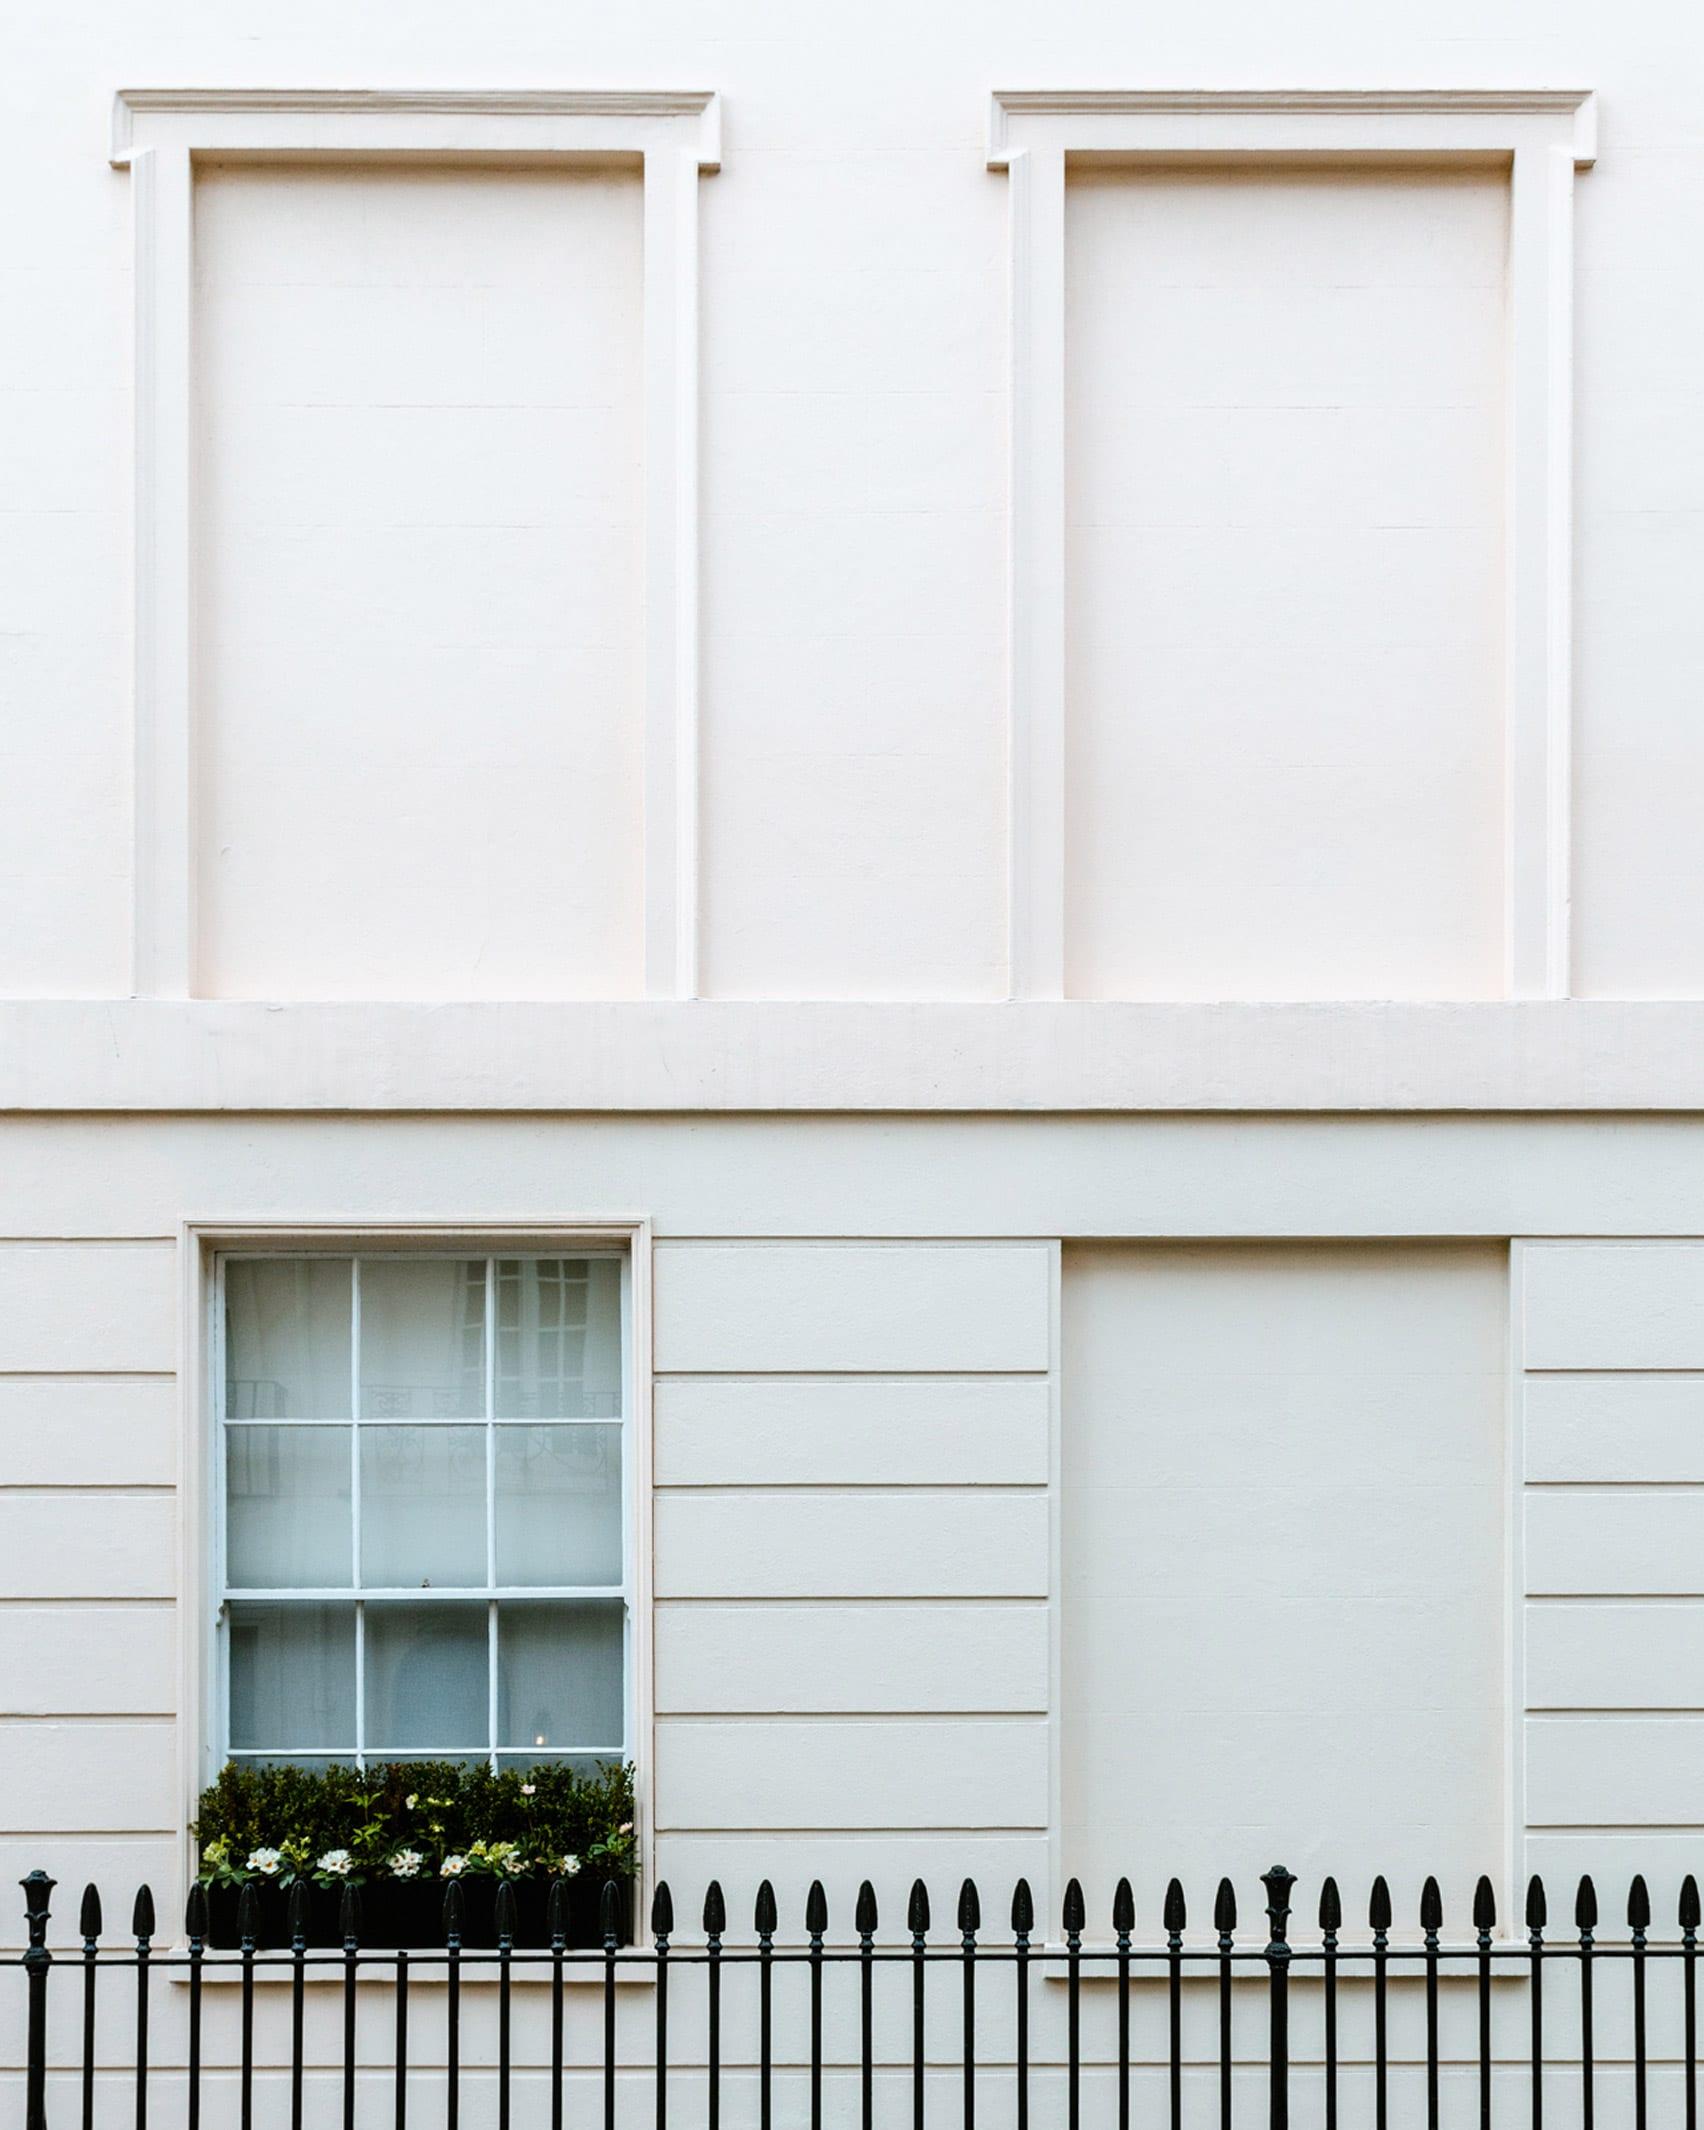 A white facade of a London house